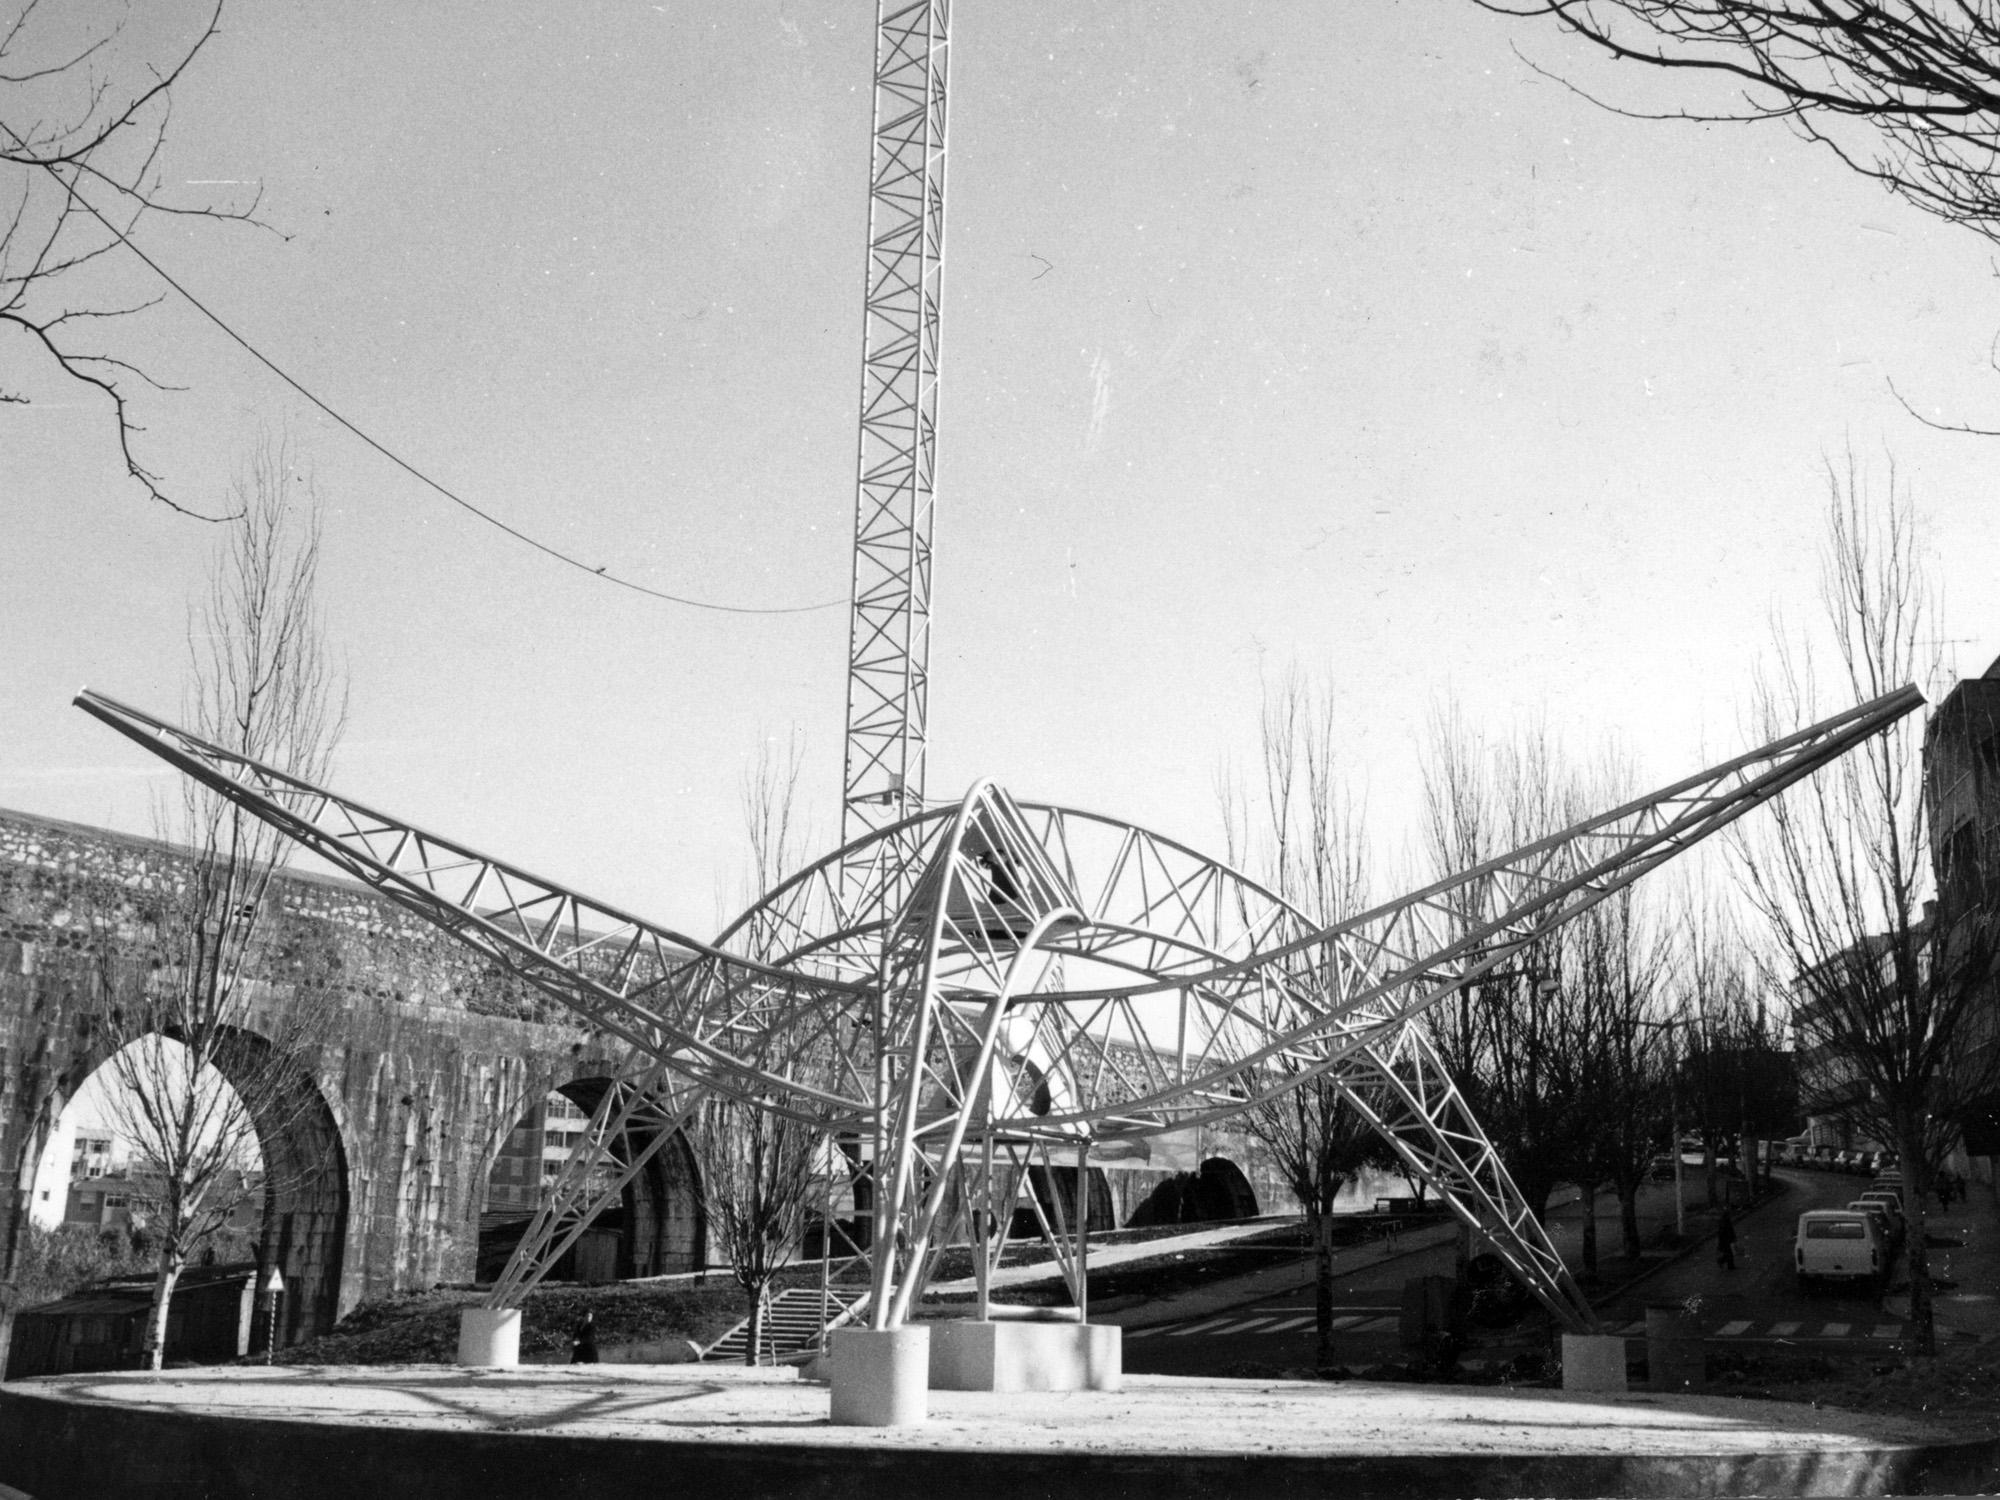 O monumento na Praça das Águas Livres com os arcos do aqueduto ao fundo.